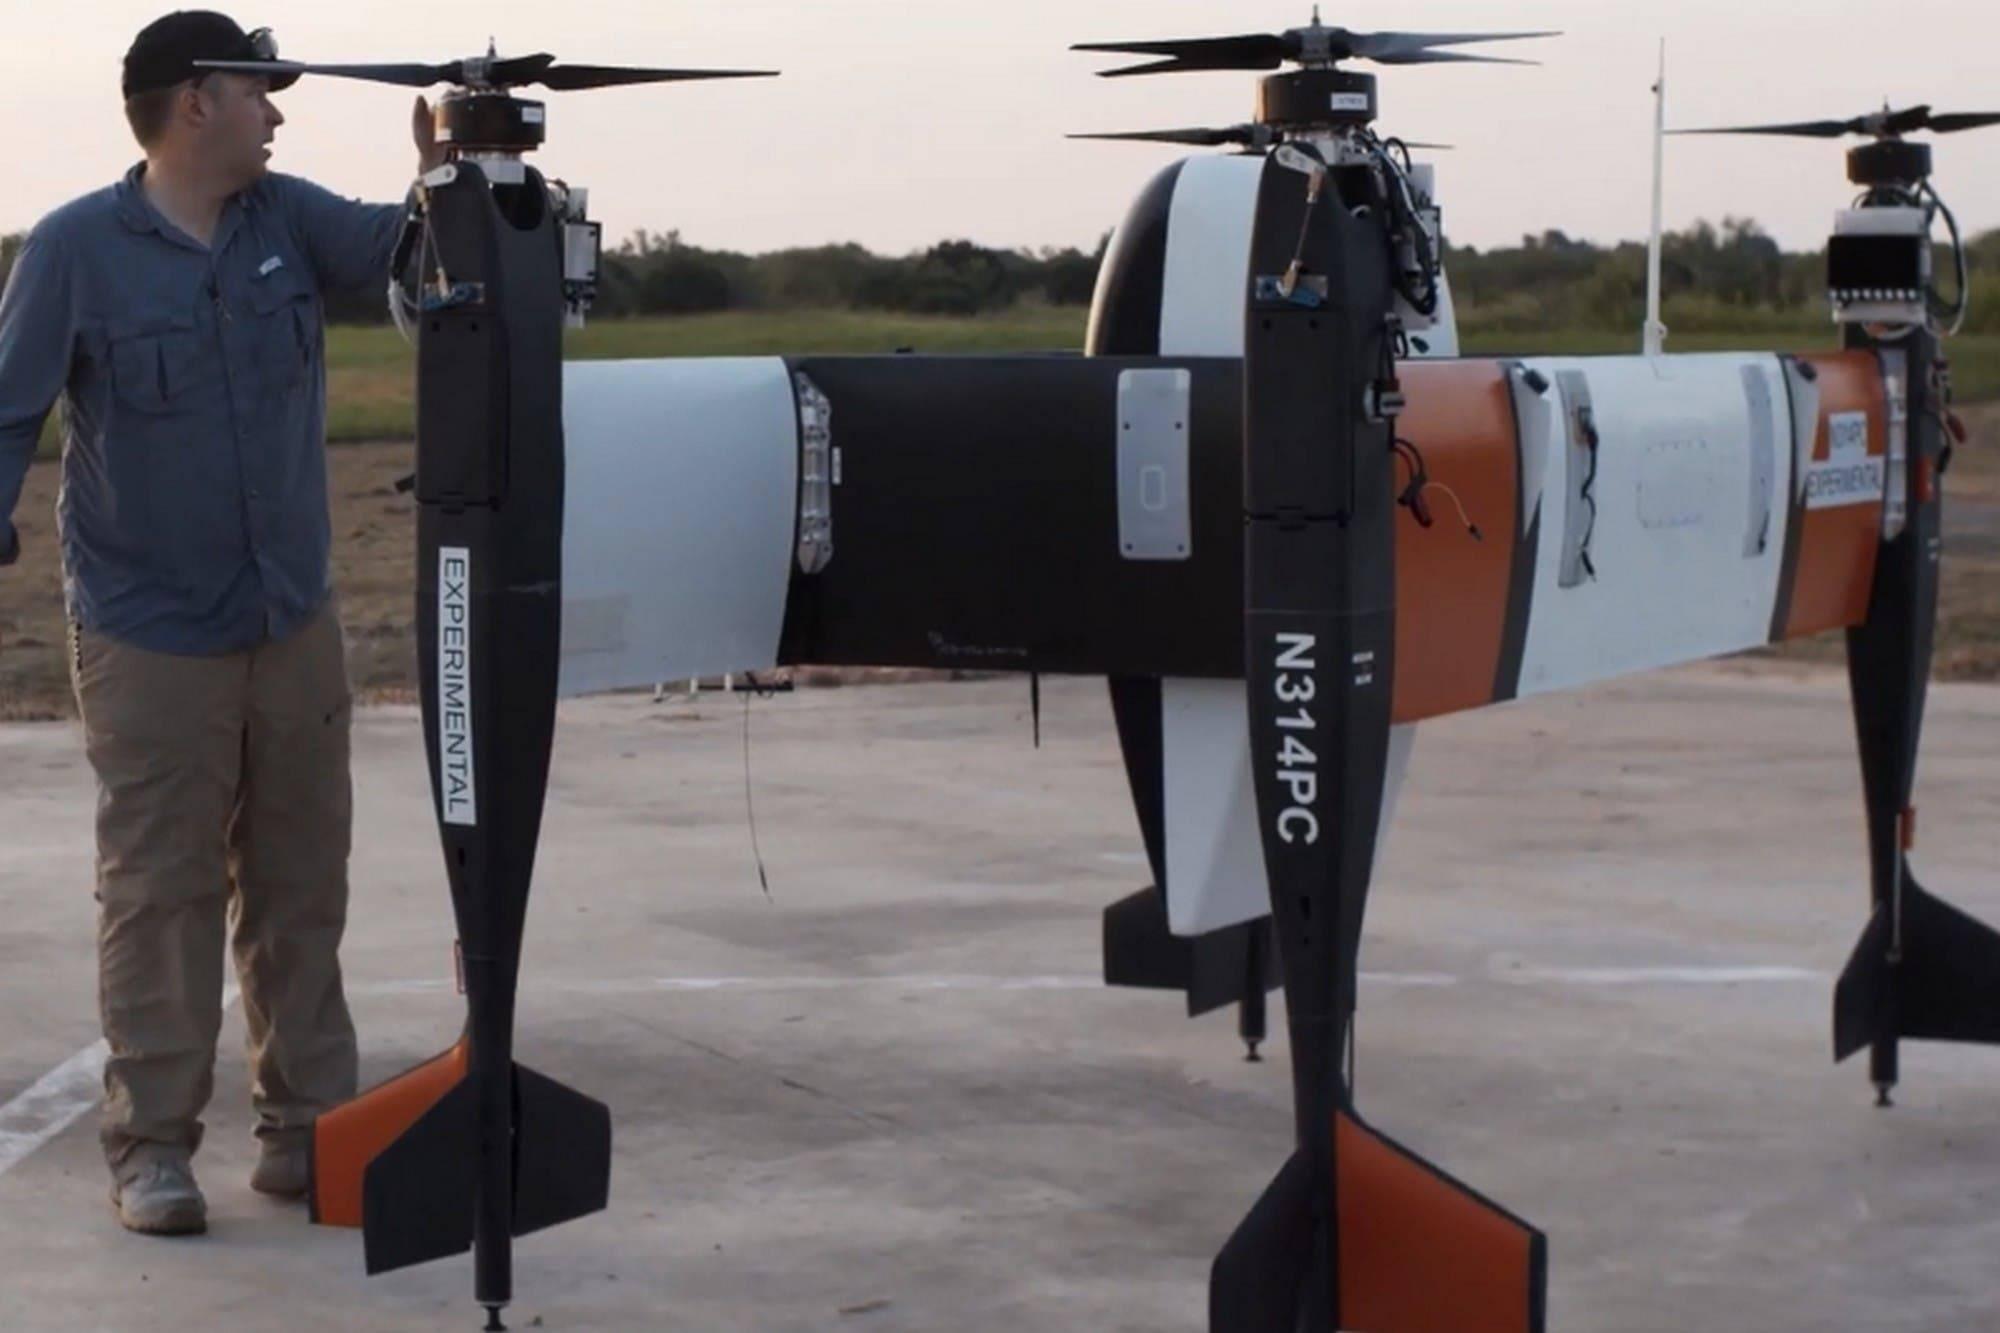 Conoce al nuevo drone cuadricóptero que puede levantar más de 30 kilos